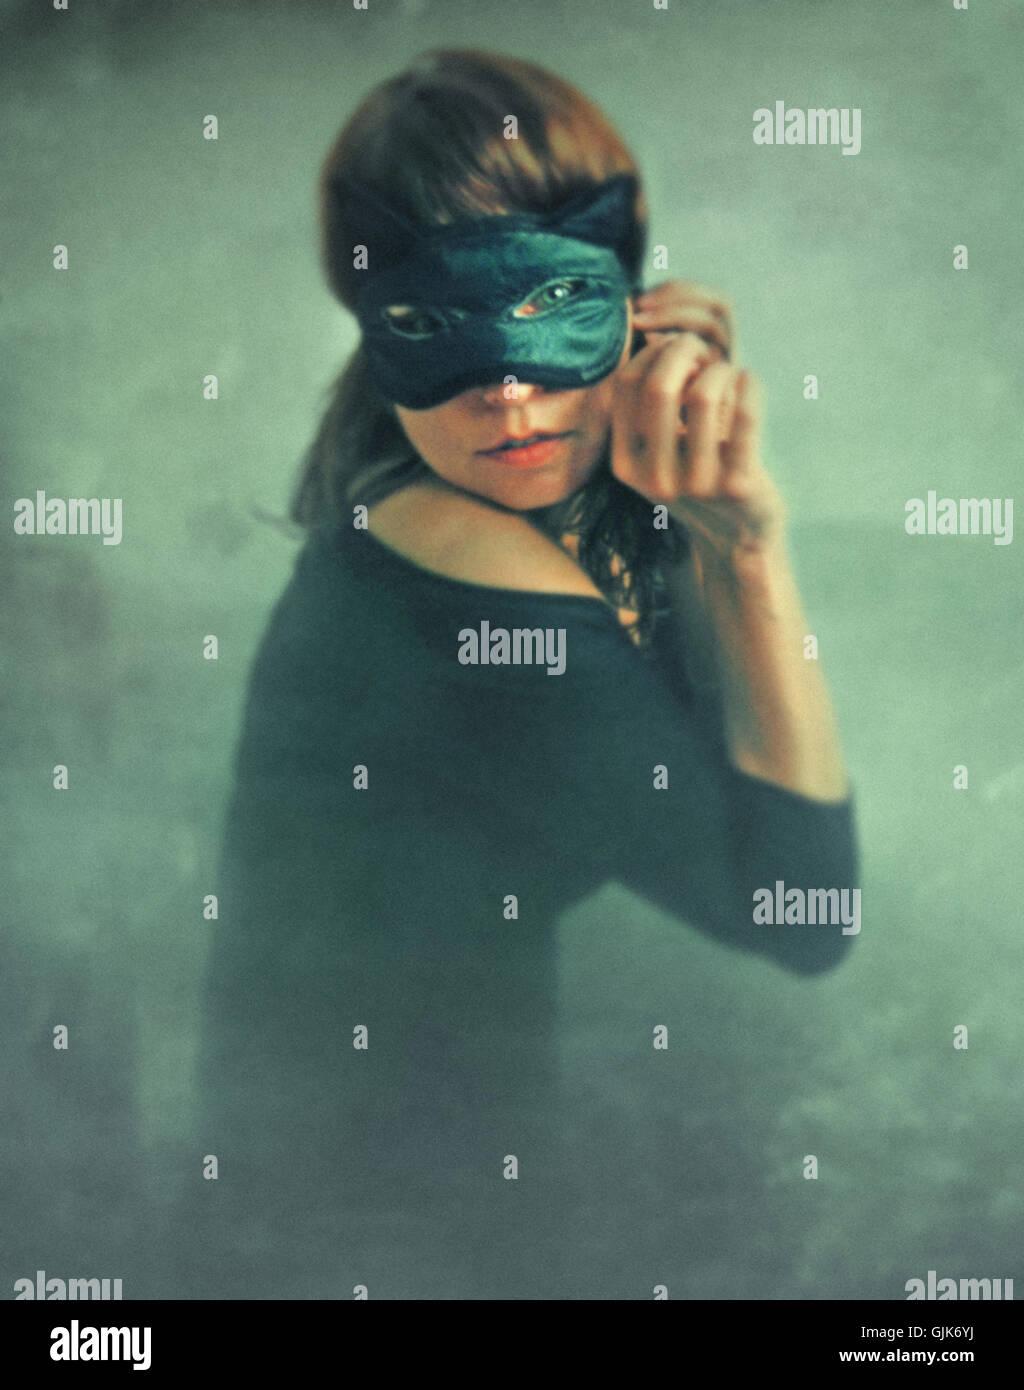 Mystérieuse jeune femme portant un masque de chat noir sur son visage Photo Stock